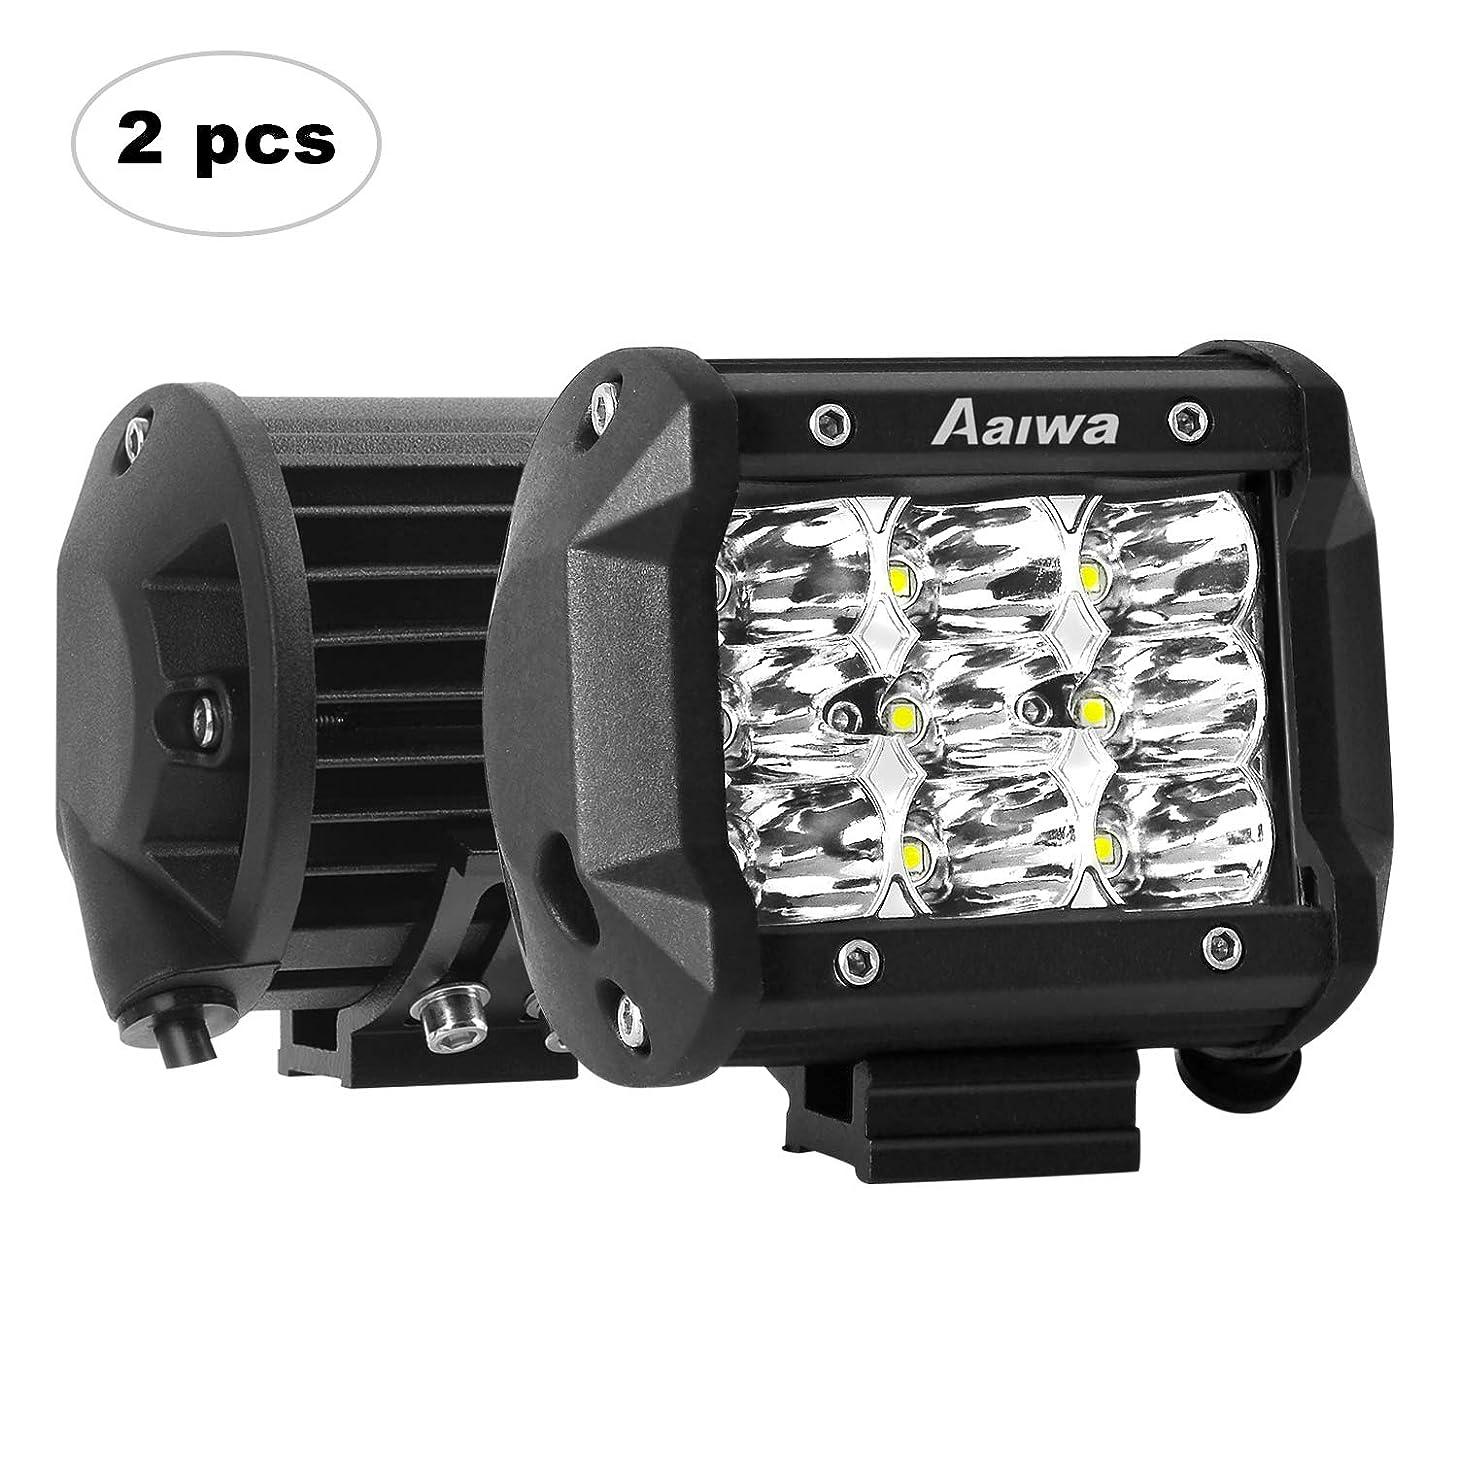 AAIWA LED Pods, 27W LED Light Bar Driving Fog Lights 4